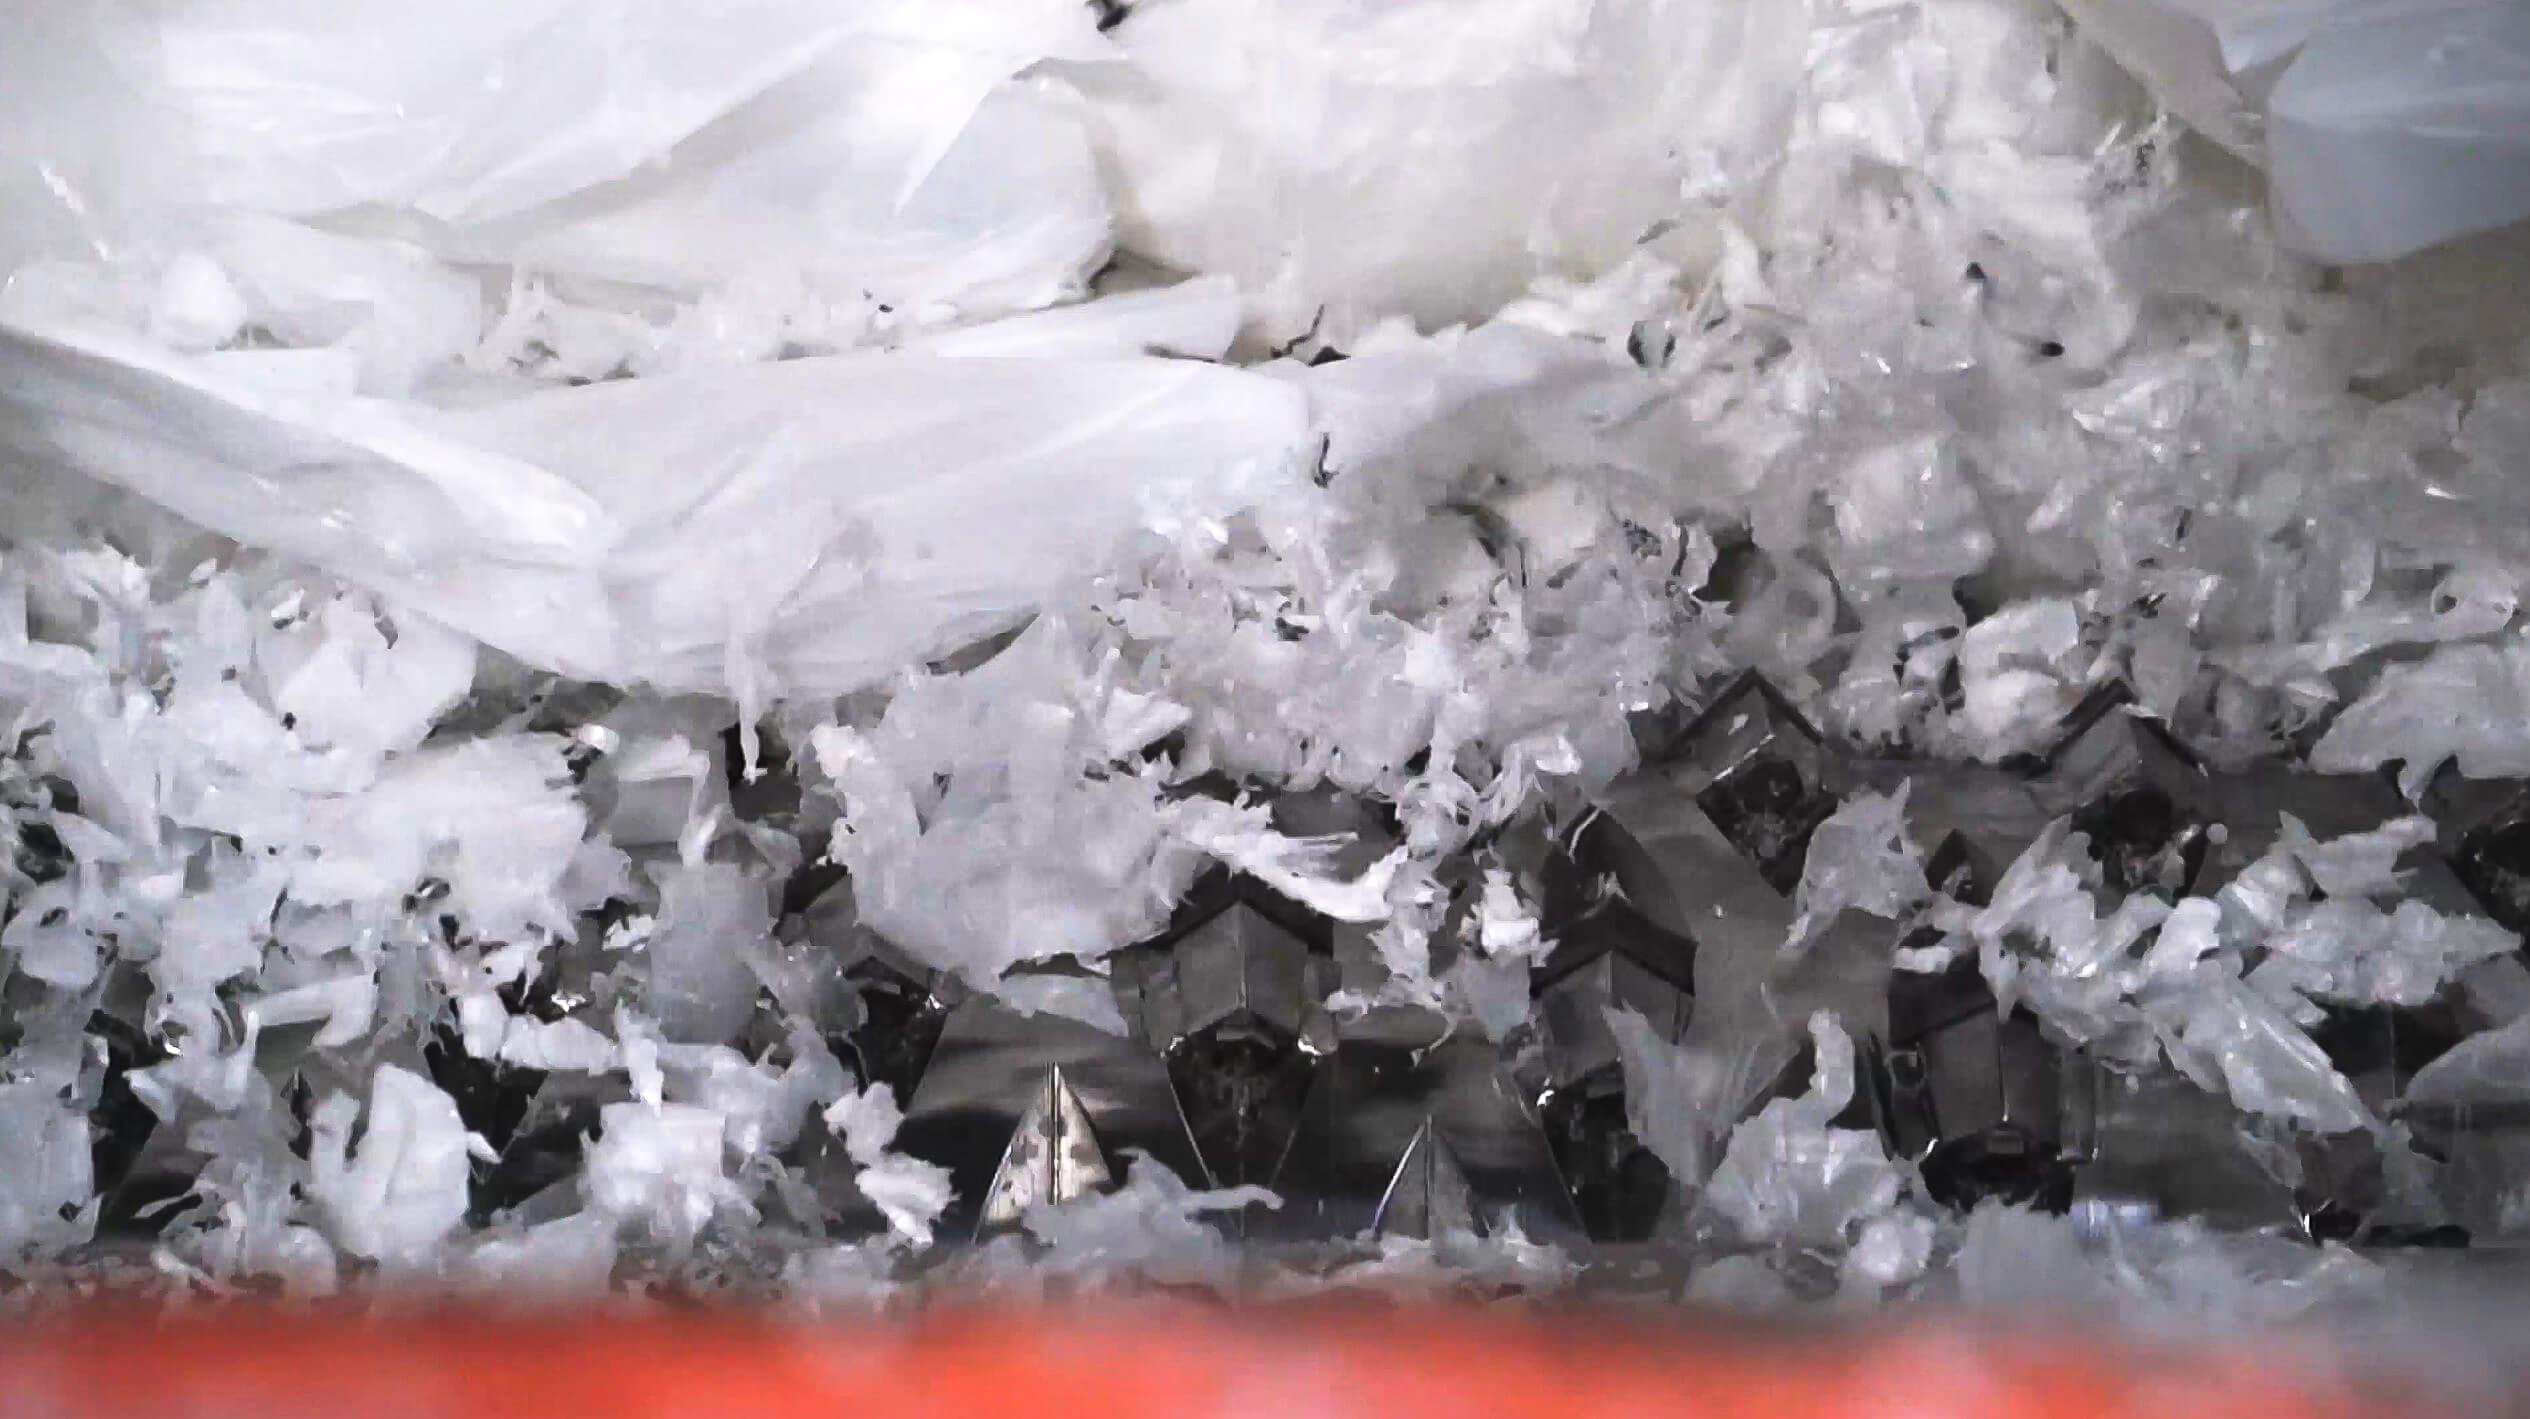 shredding of plastic